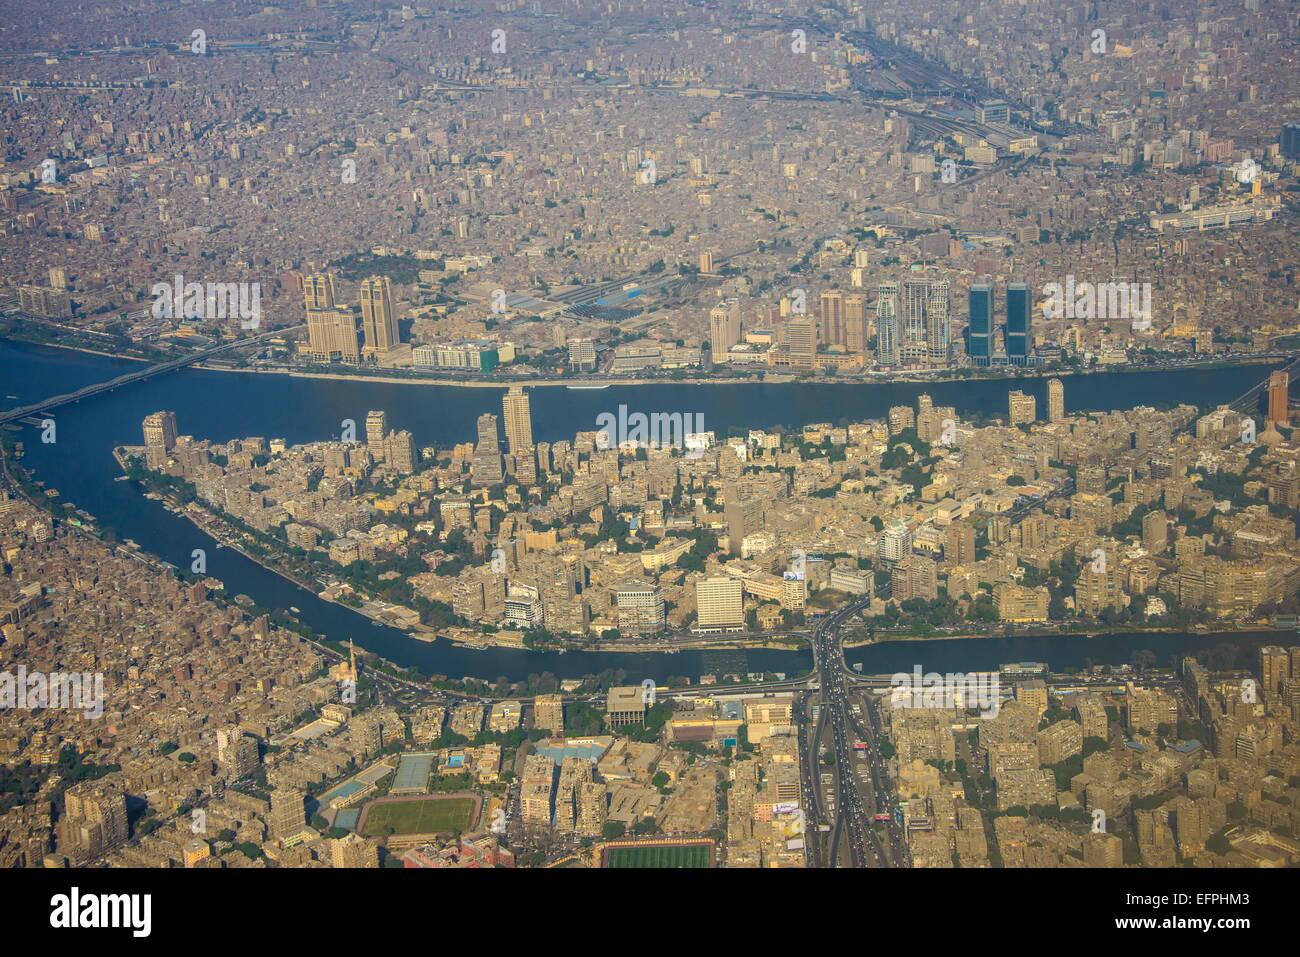 Antenne des Zentrum von Kairo und der Fluss Nil, Ägypten, Nordafrika, Afrika Stockbild